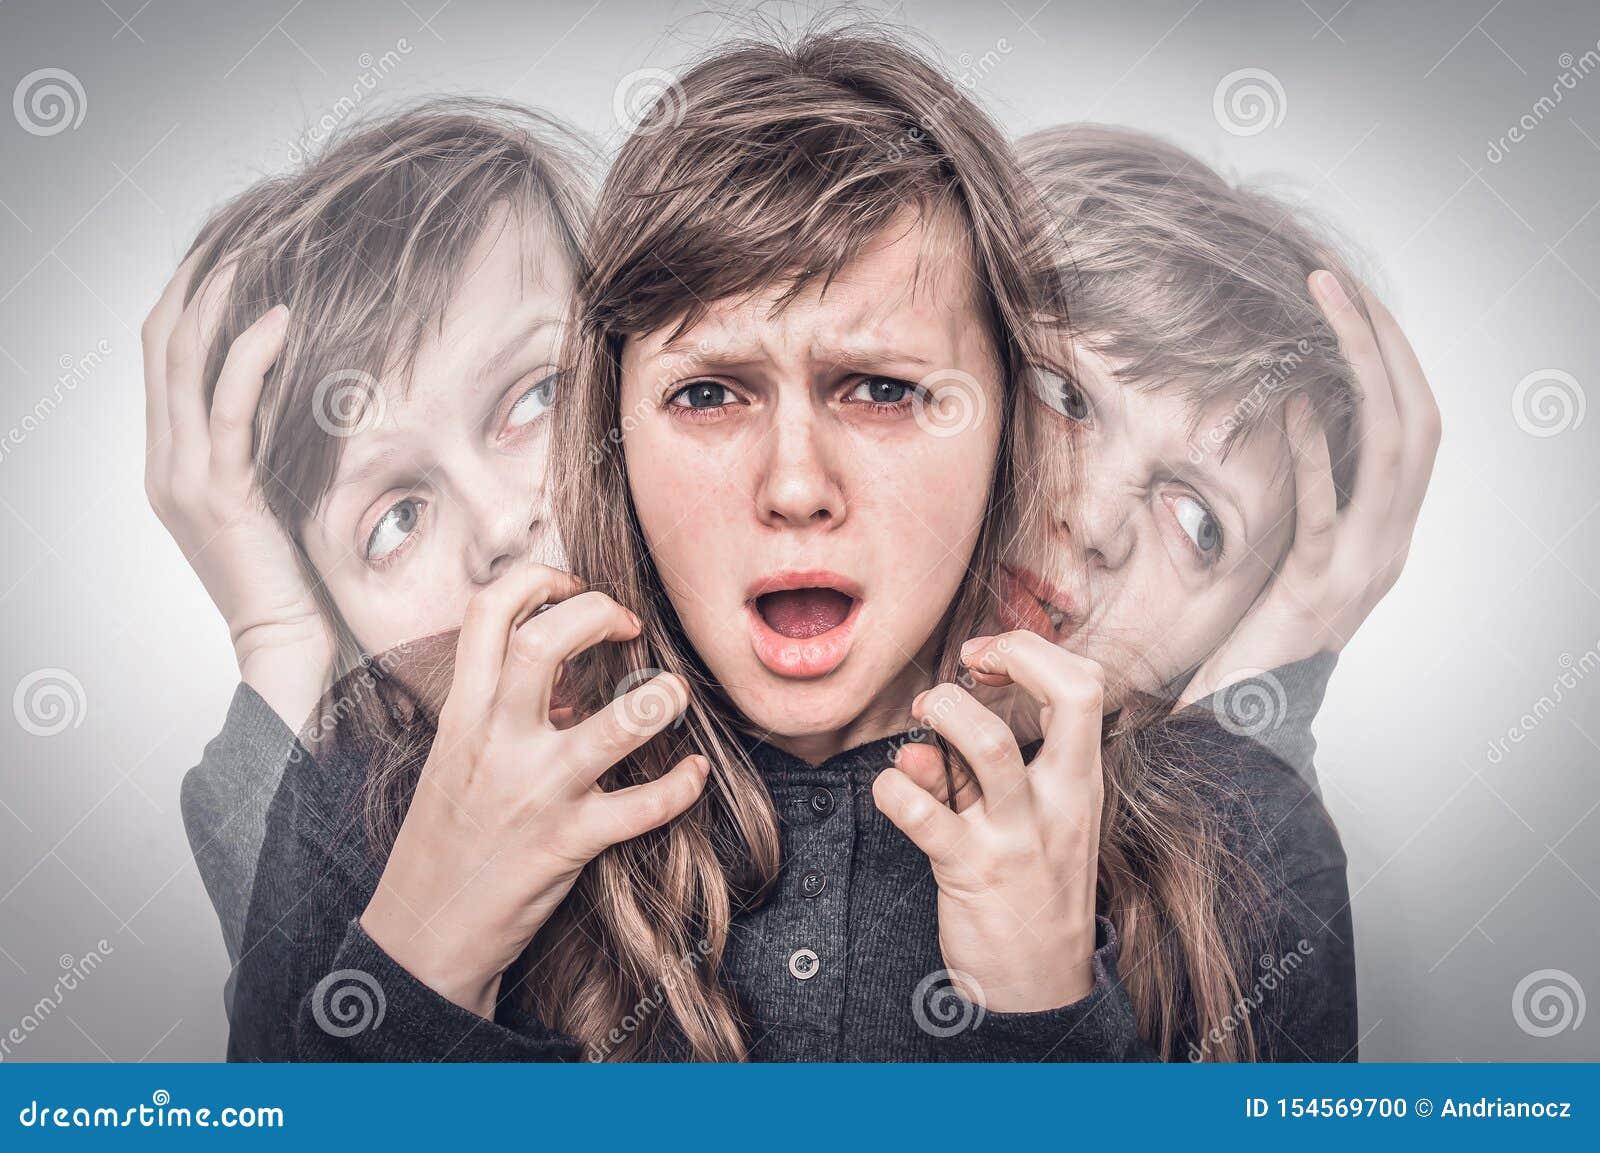 La donna con sdoppiamento di personalita soffre dalla schizofrenia